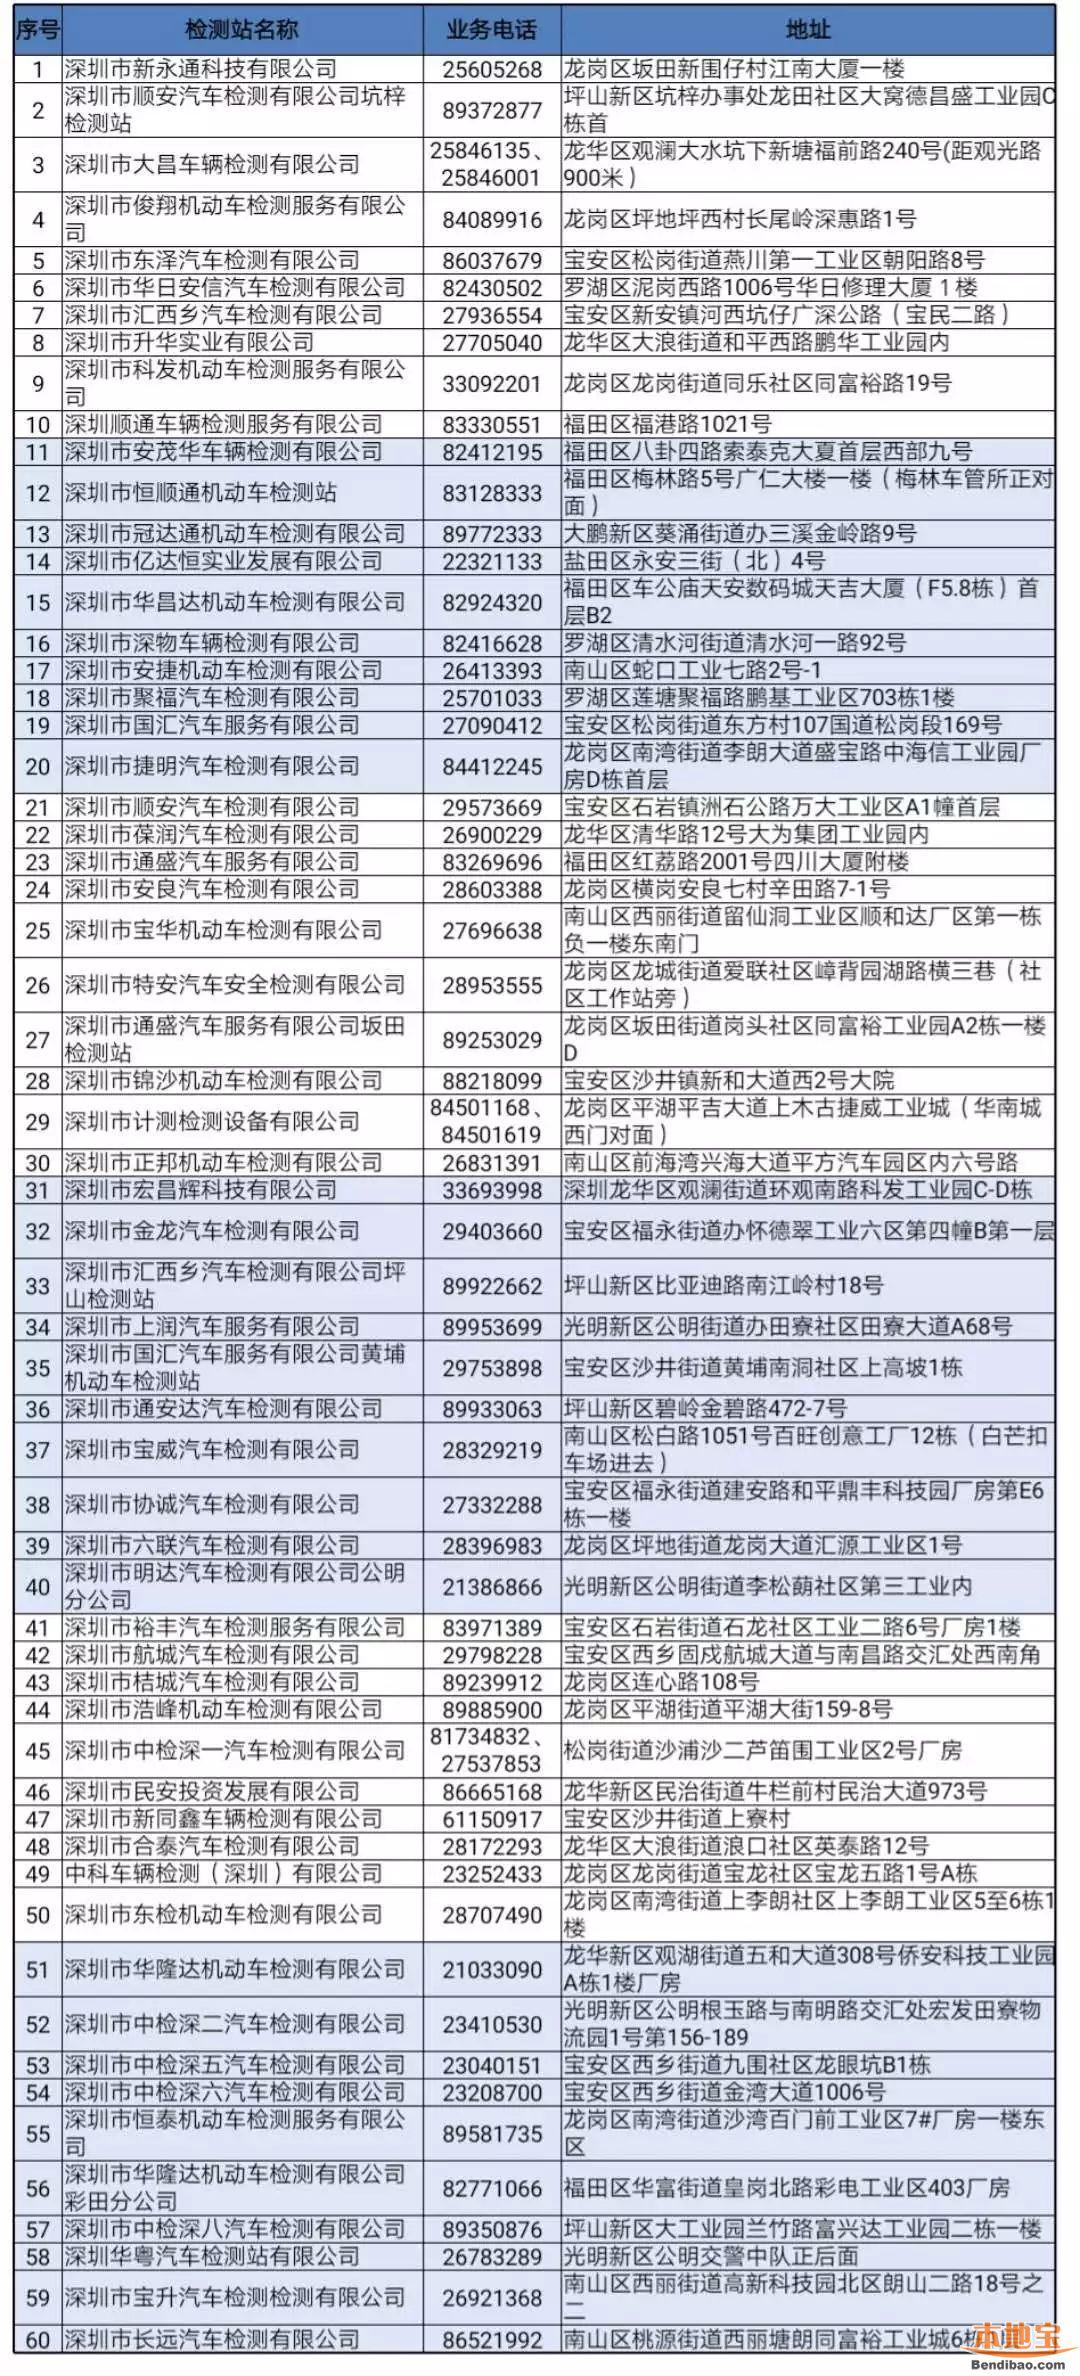 深圳车辆年审地址大全(上班时间及联系体例